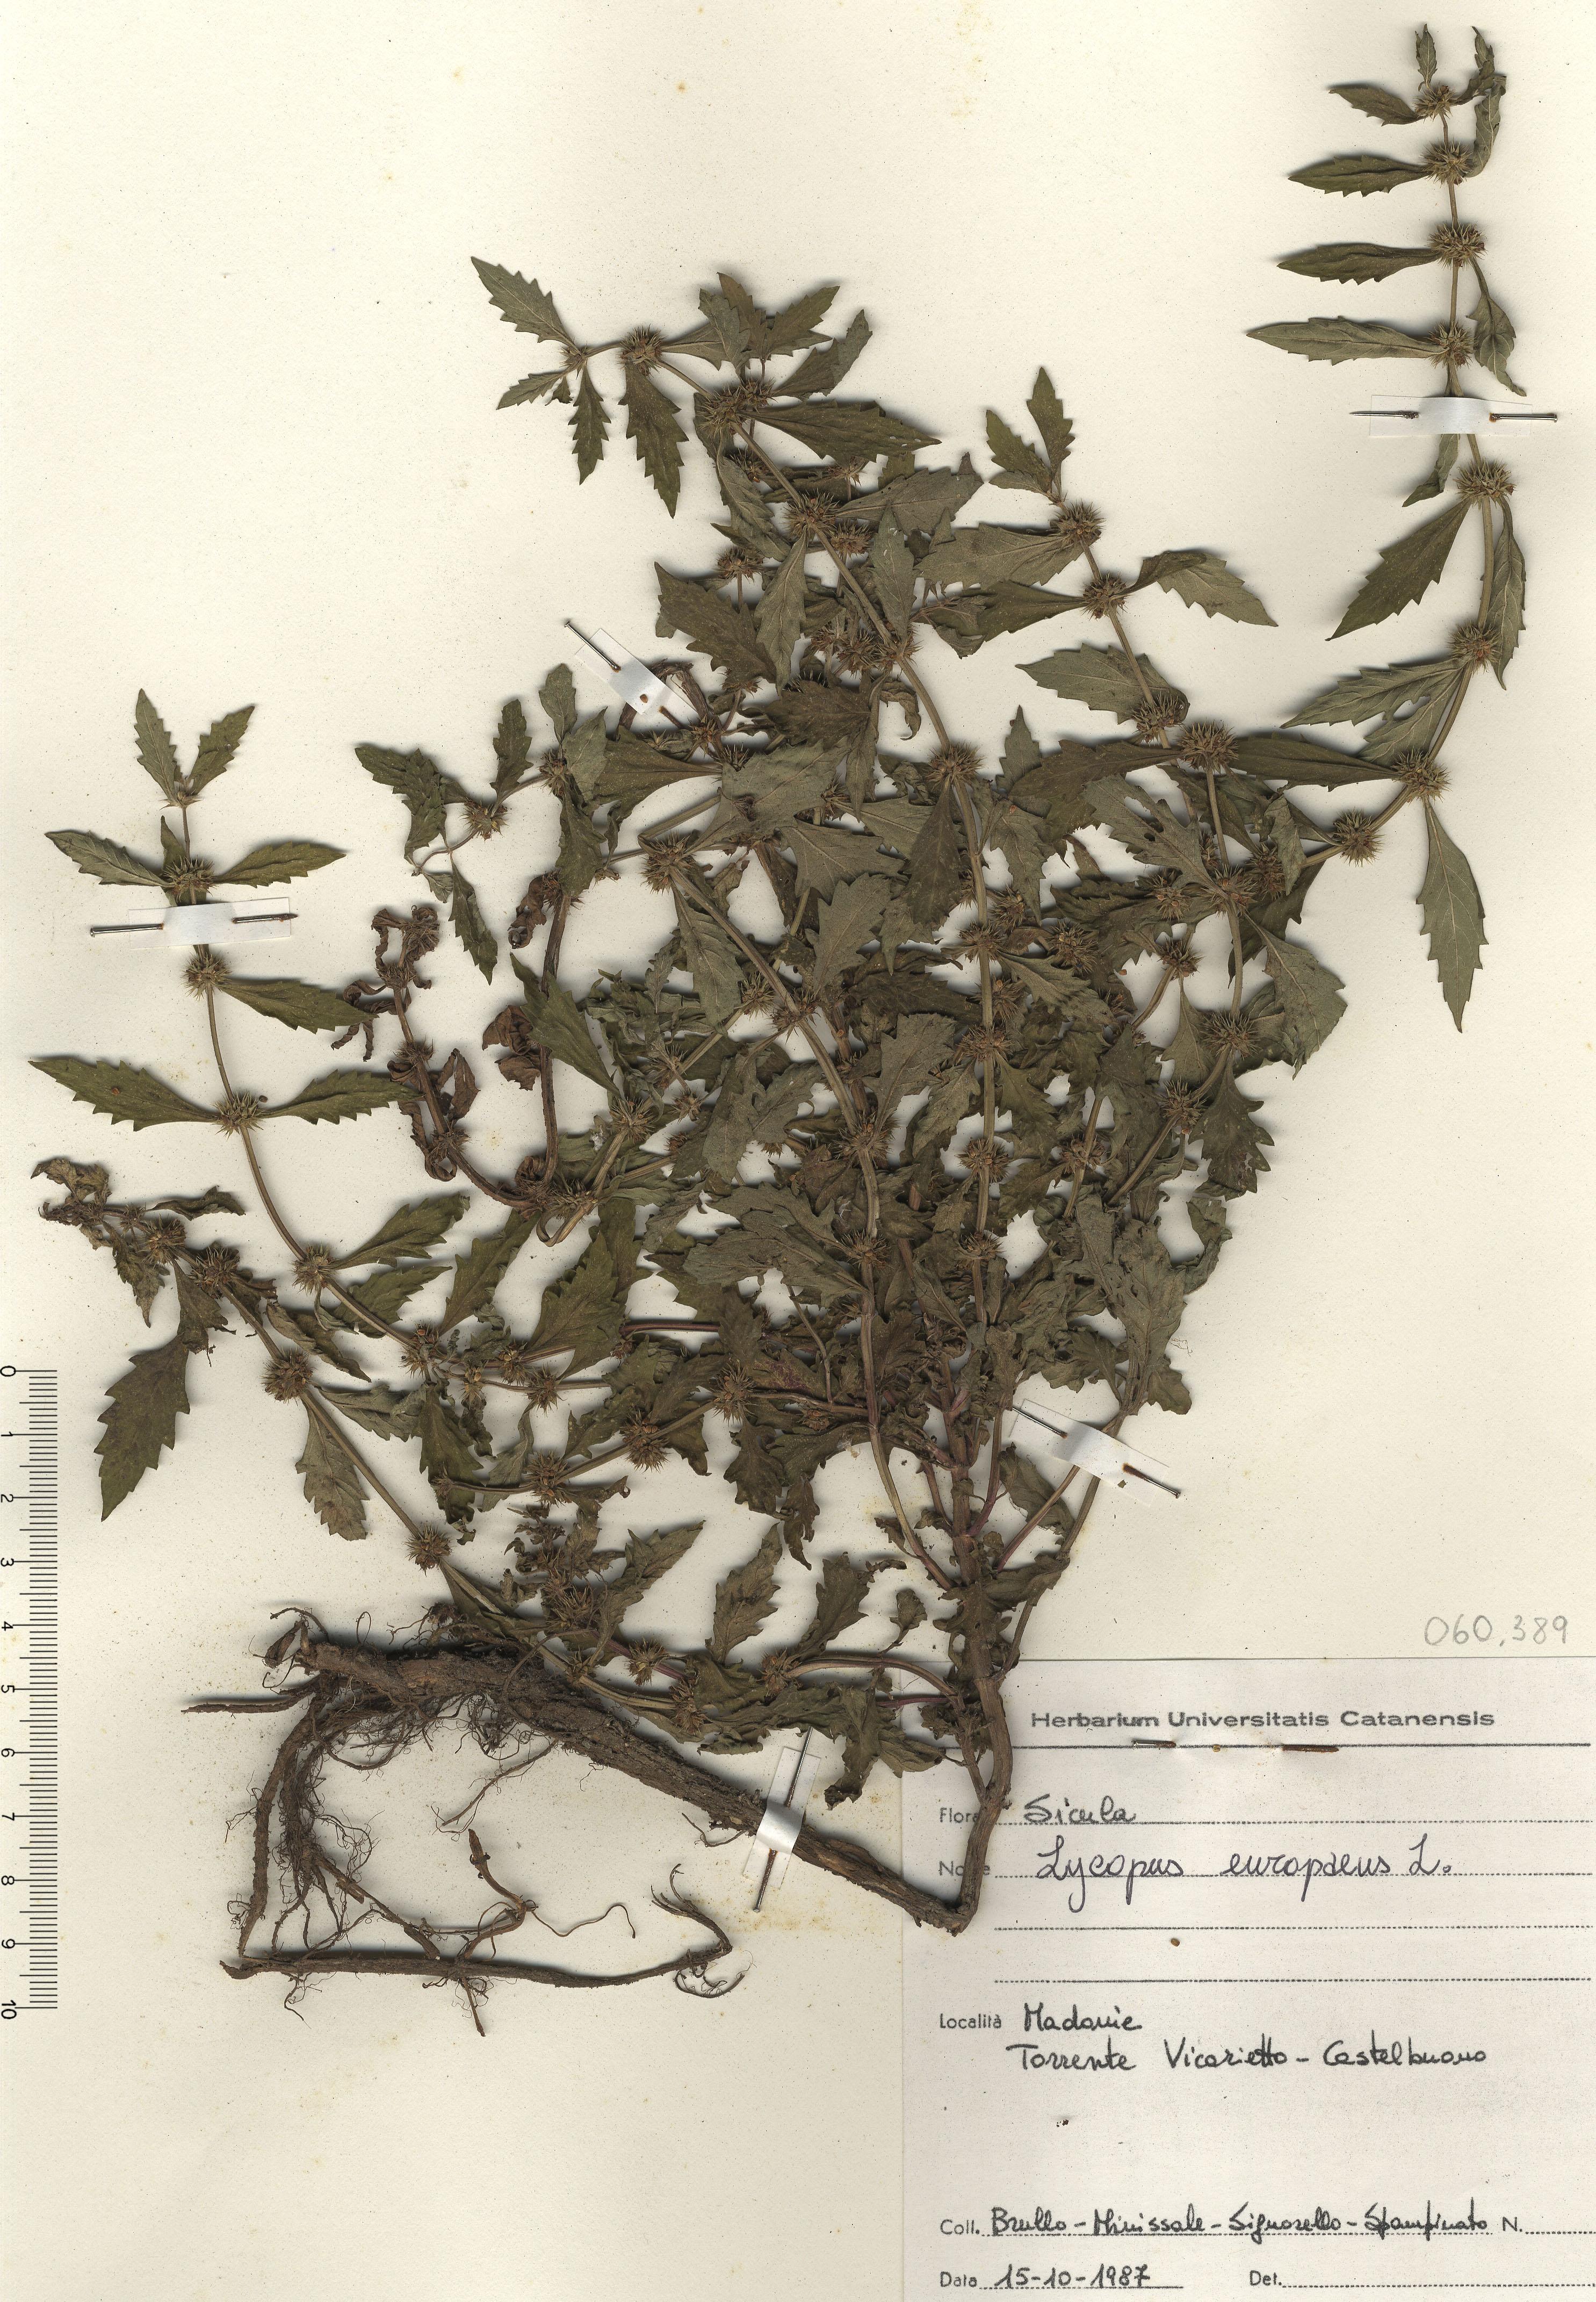 © Hortus Botanicus Catinensis - Herb. sheet 060389<br>